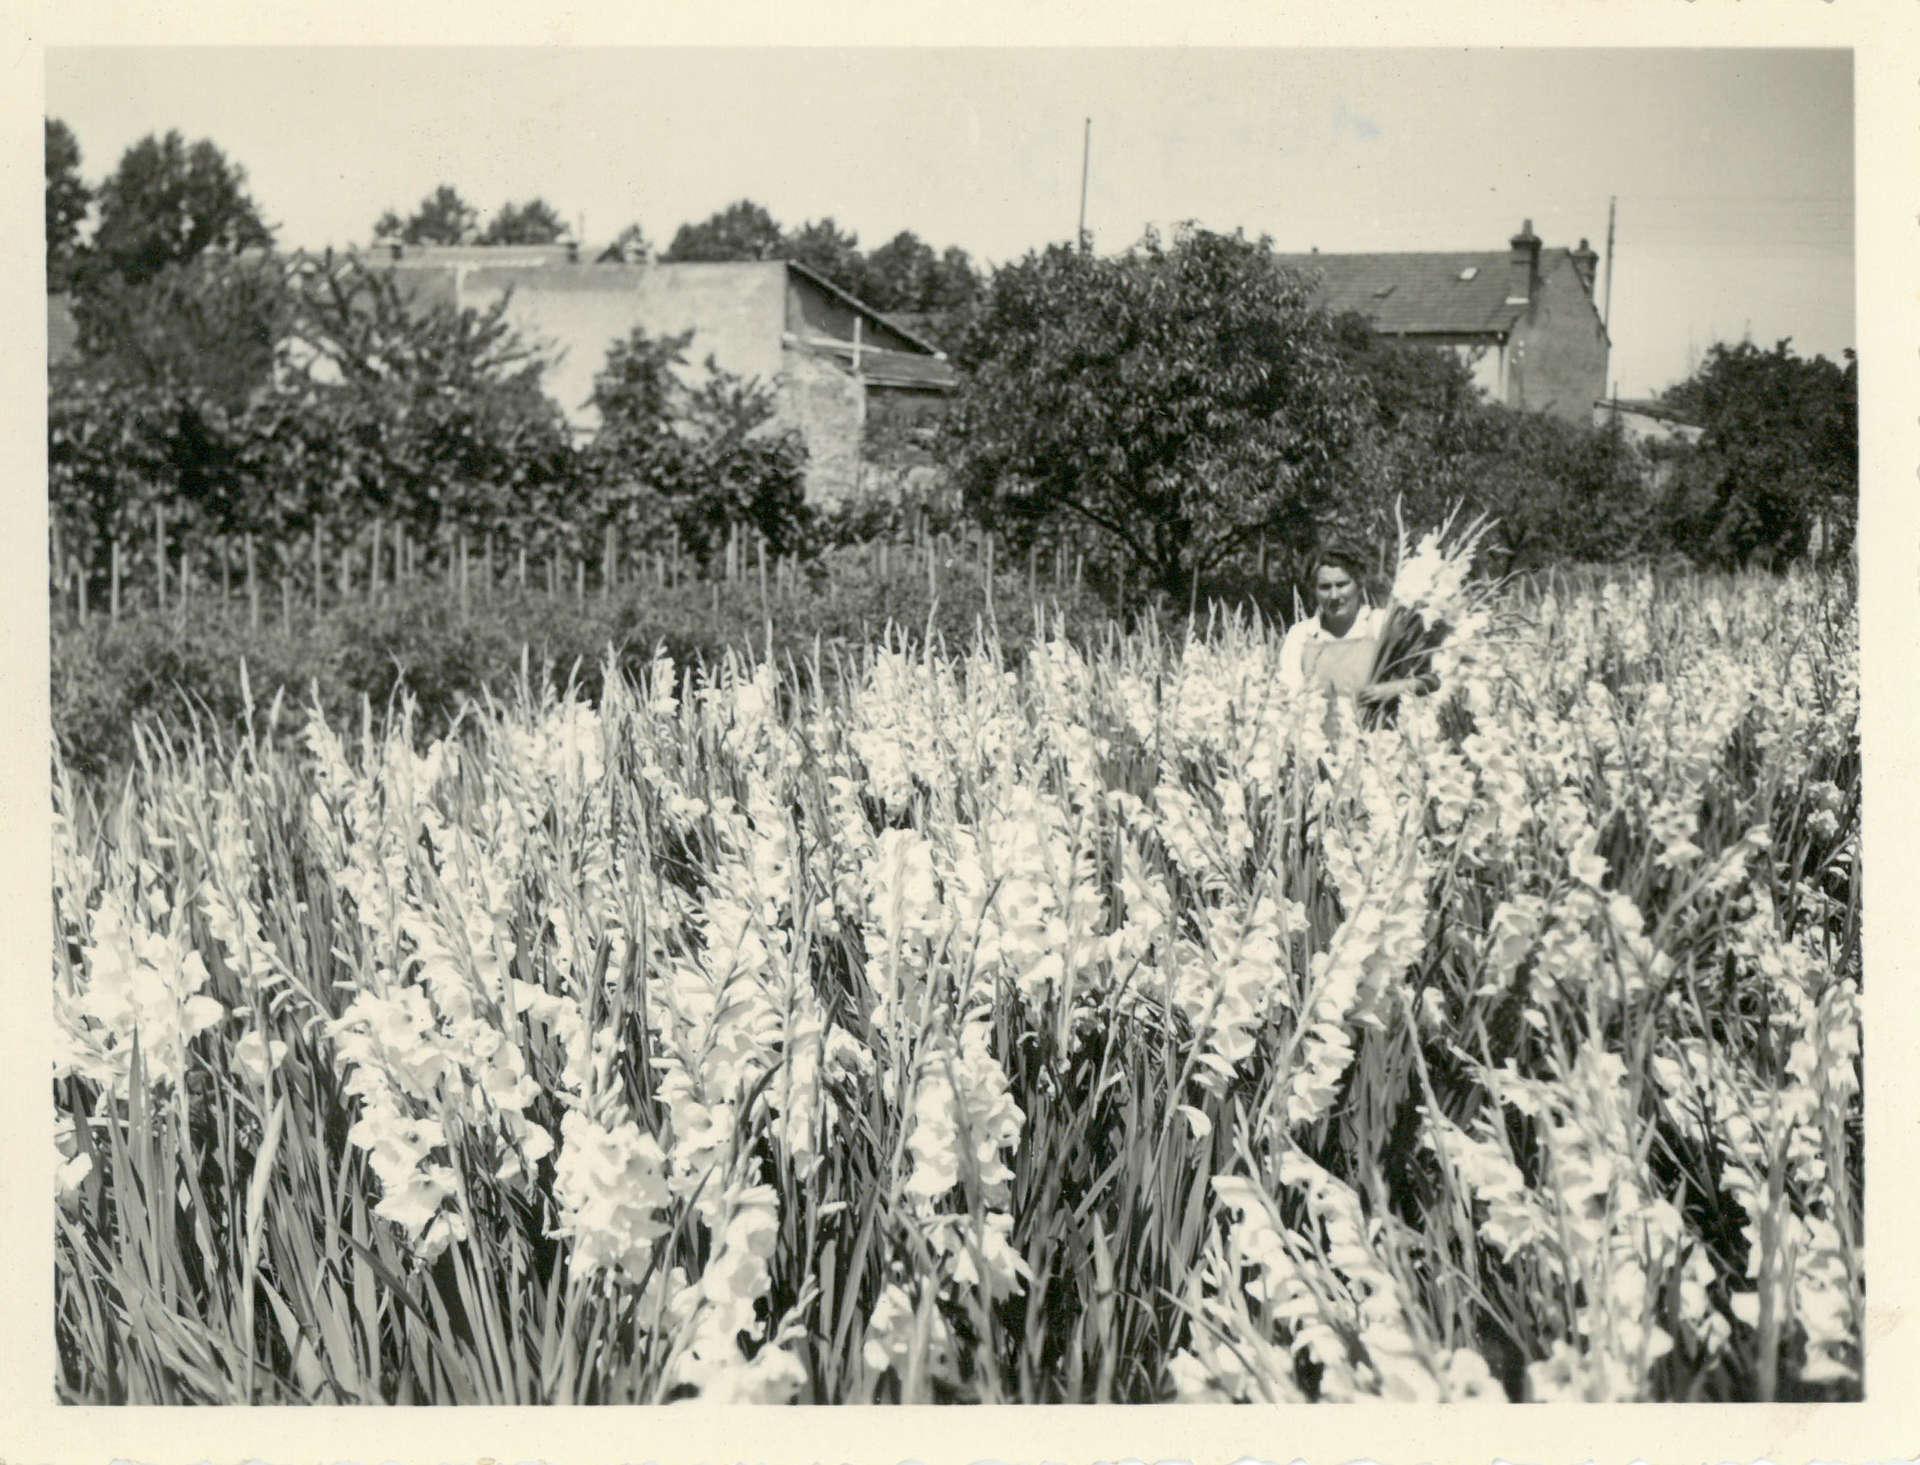 Jeanne Deroche en juillet 1953 cueille des glaïeuls sur l'exploitation